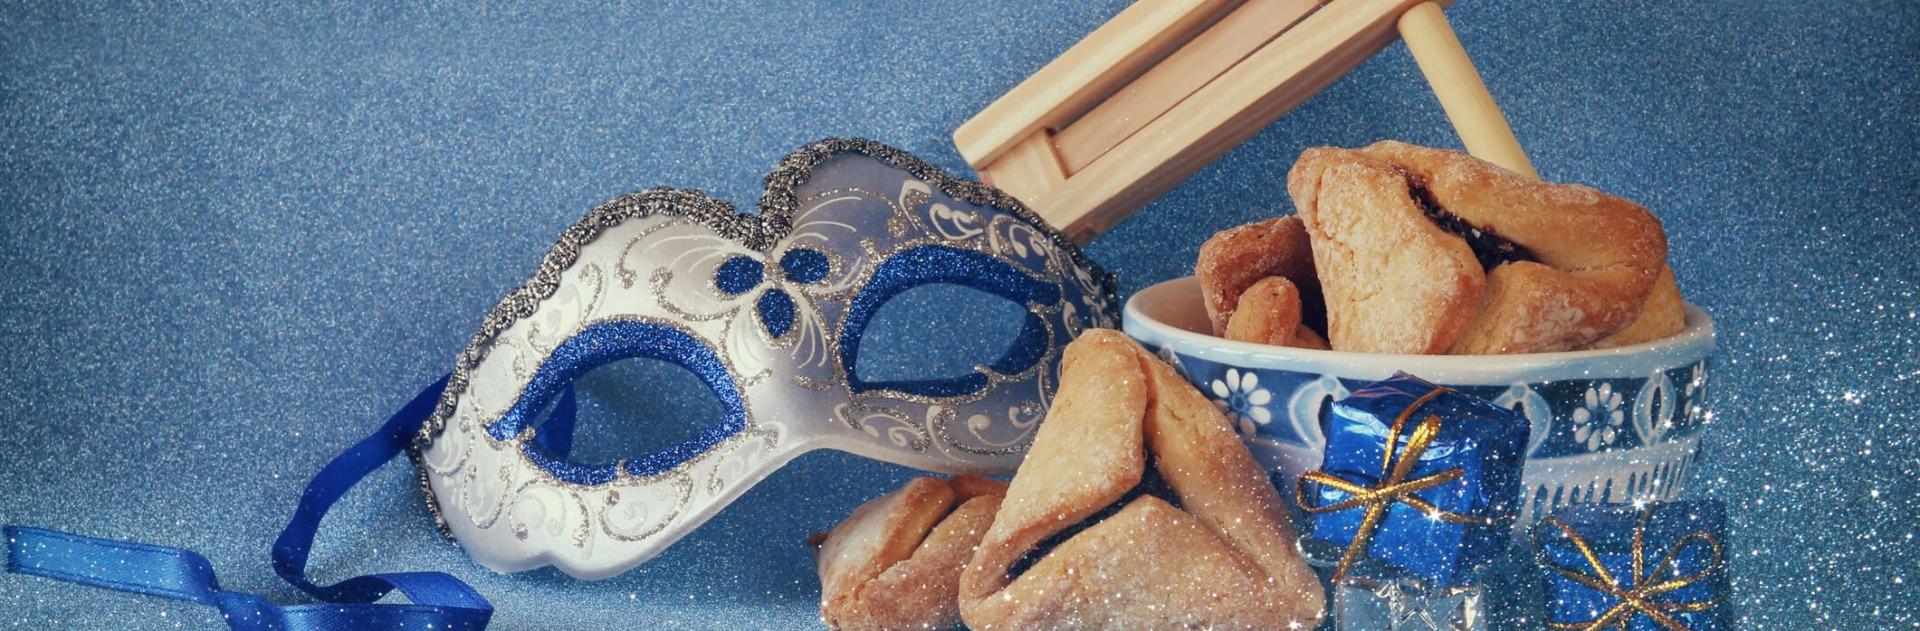 Purim Gift Baskets Dayville